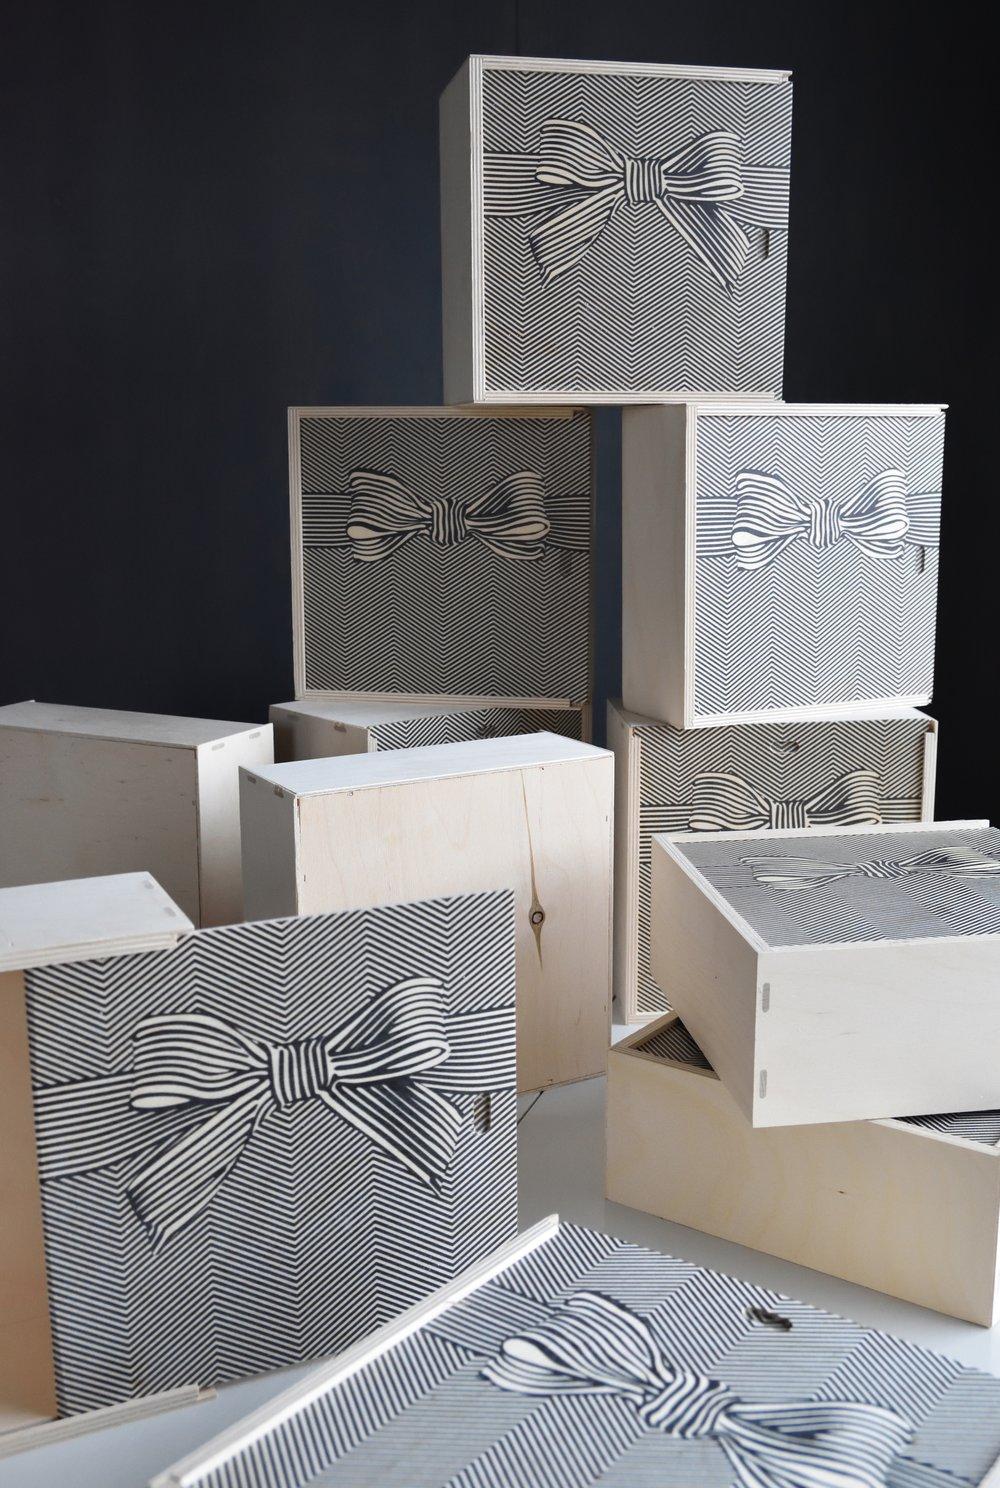 En presentbox i trä med många möjligheter, designad för att kunna användas i inredningen i hemmet.Häng den på väggen, stapla dem på varandra eller ställ den på en yta i köket, badrummet eller skrivbordet. Bara fantasin sätter gränser.